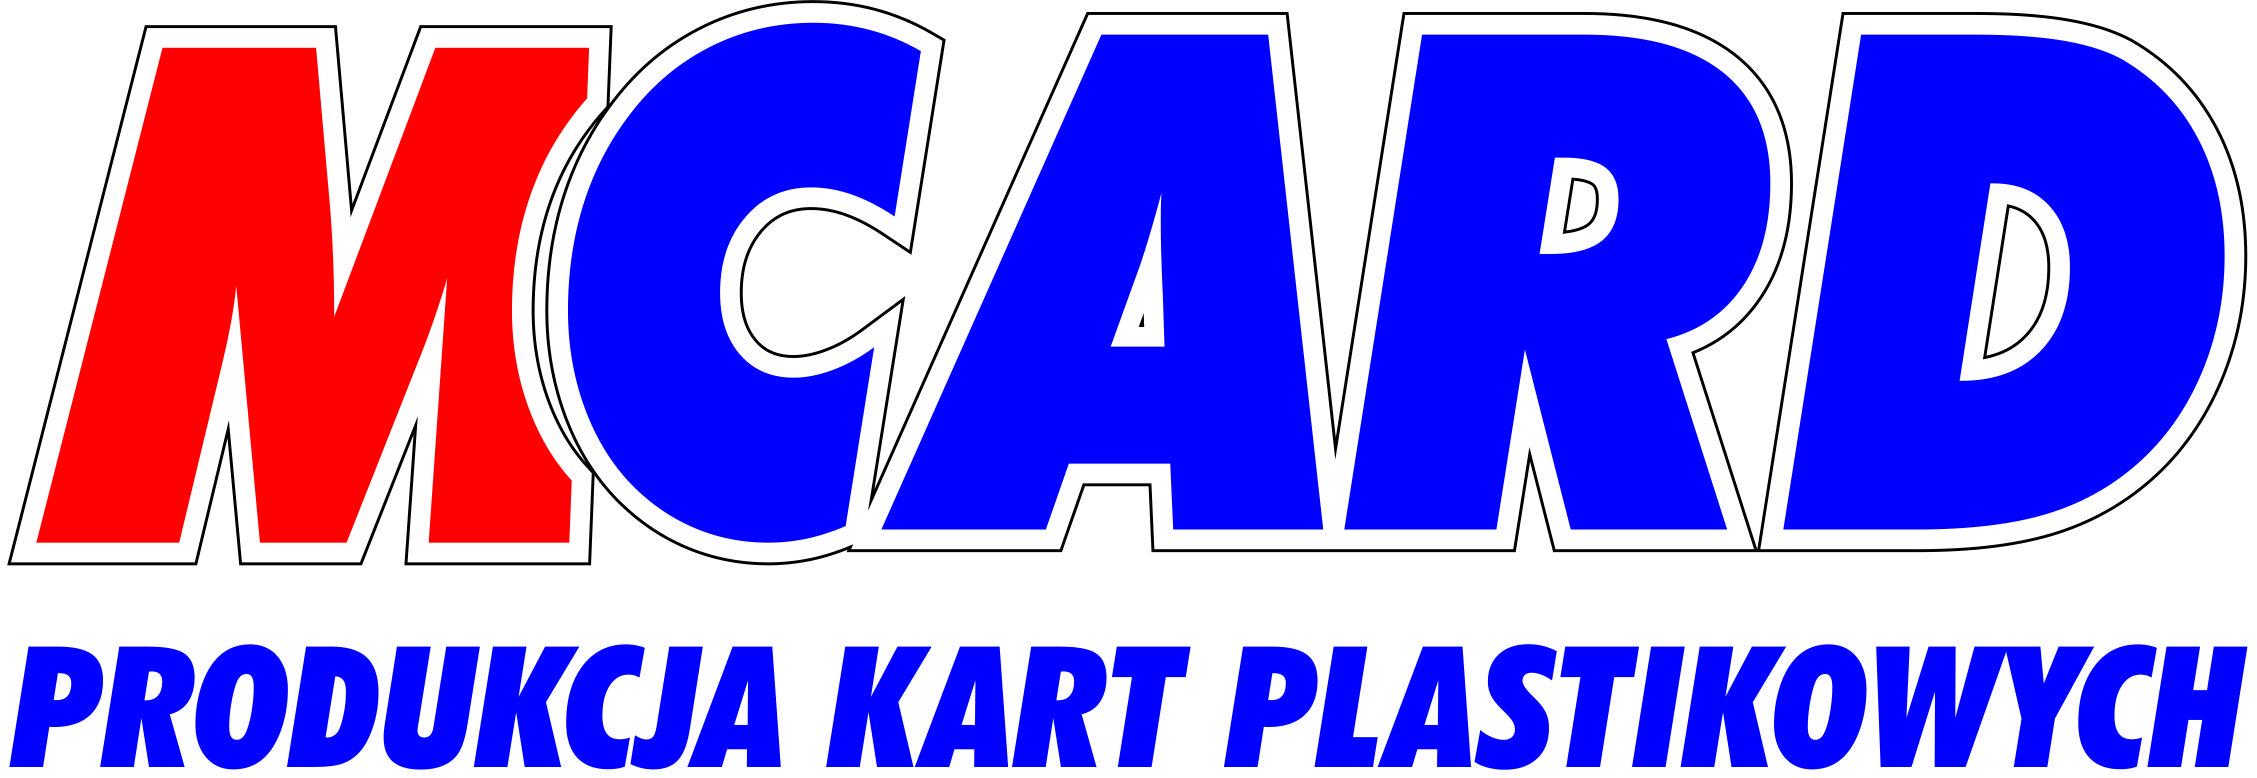 Mcard - Mcard produkcja kart plastikowych